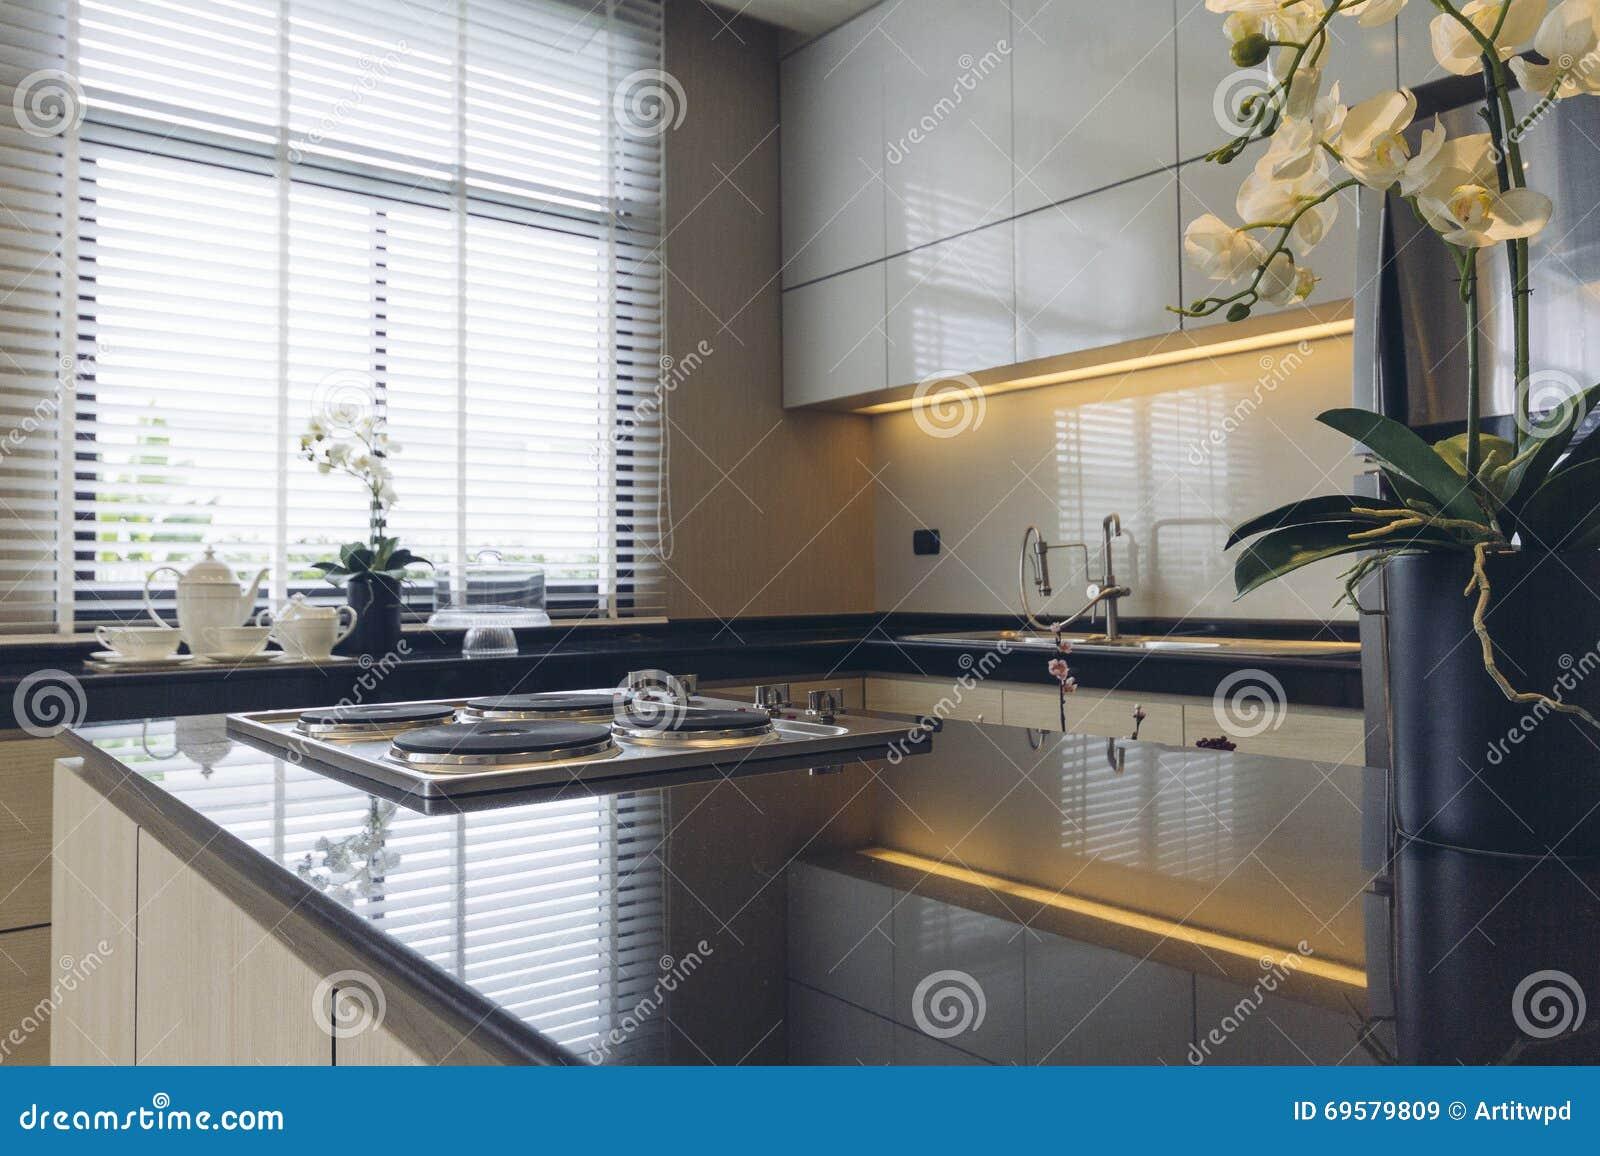 House Modelo Moderno Italiano Cozinha Imagem De Stock Imagem De